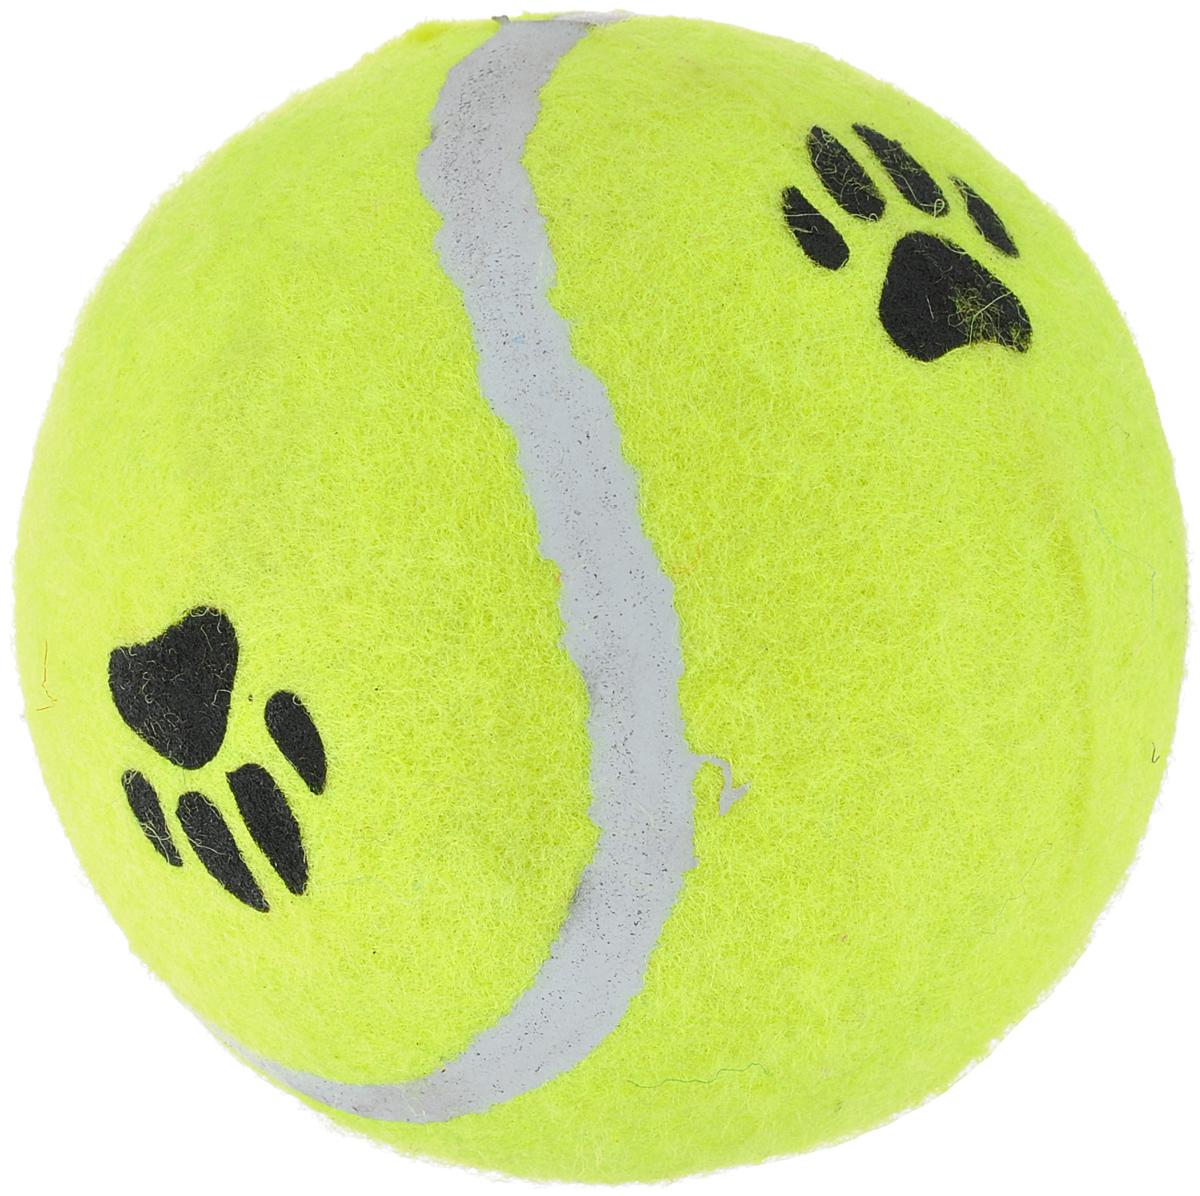 Игрушка для собак I.P.T.S. Мячик теннисный с отпечатками лап, цвет: желтый, диаметр 10 см0120710Игрушка для собак I.P.T.S. изготовлена из прочной цветной резины с ворсистой поверхностью в виде теннисного мяча с отпечатками лап. Предназначена для игр с собакой любого возраста. Такая игрушка привлечет внимание вашего любимца и не оставит его равнодушным. Диаметр: 10 см.